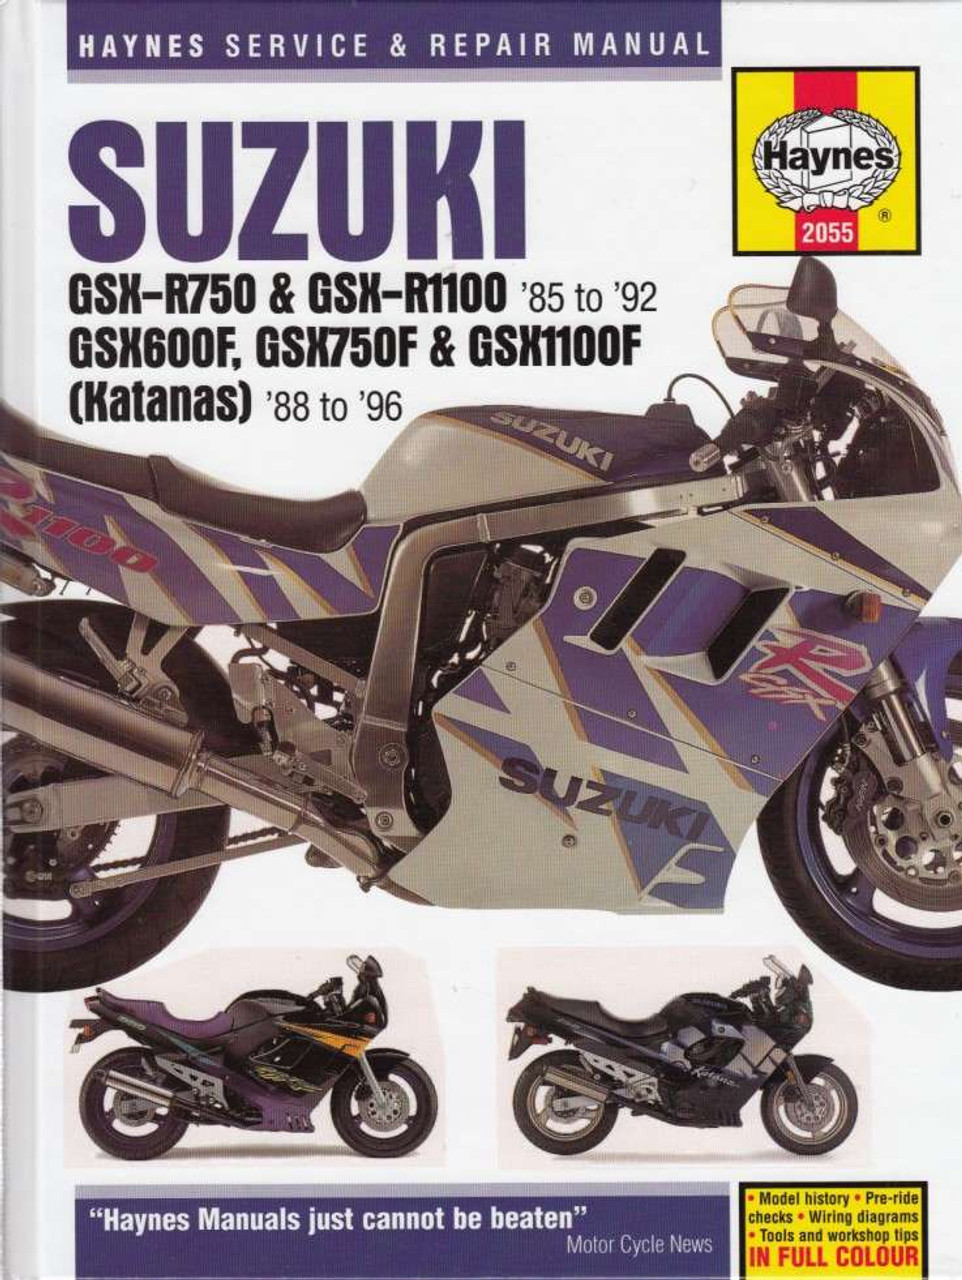 Wiring Gsx Diagram Suzuki 1997 R600v - Wiring Diagramtelephonie-dentreprise-var.fr